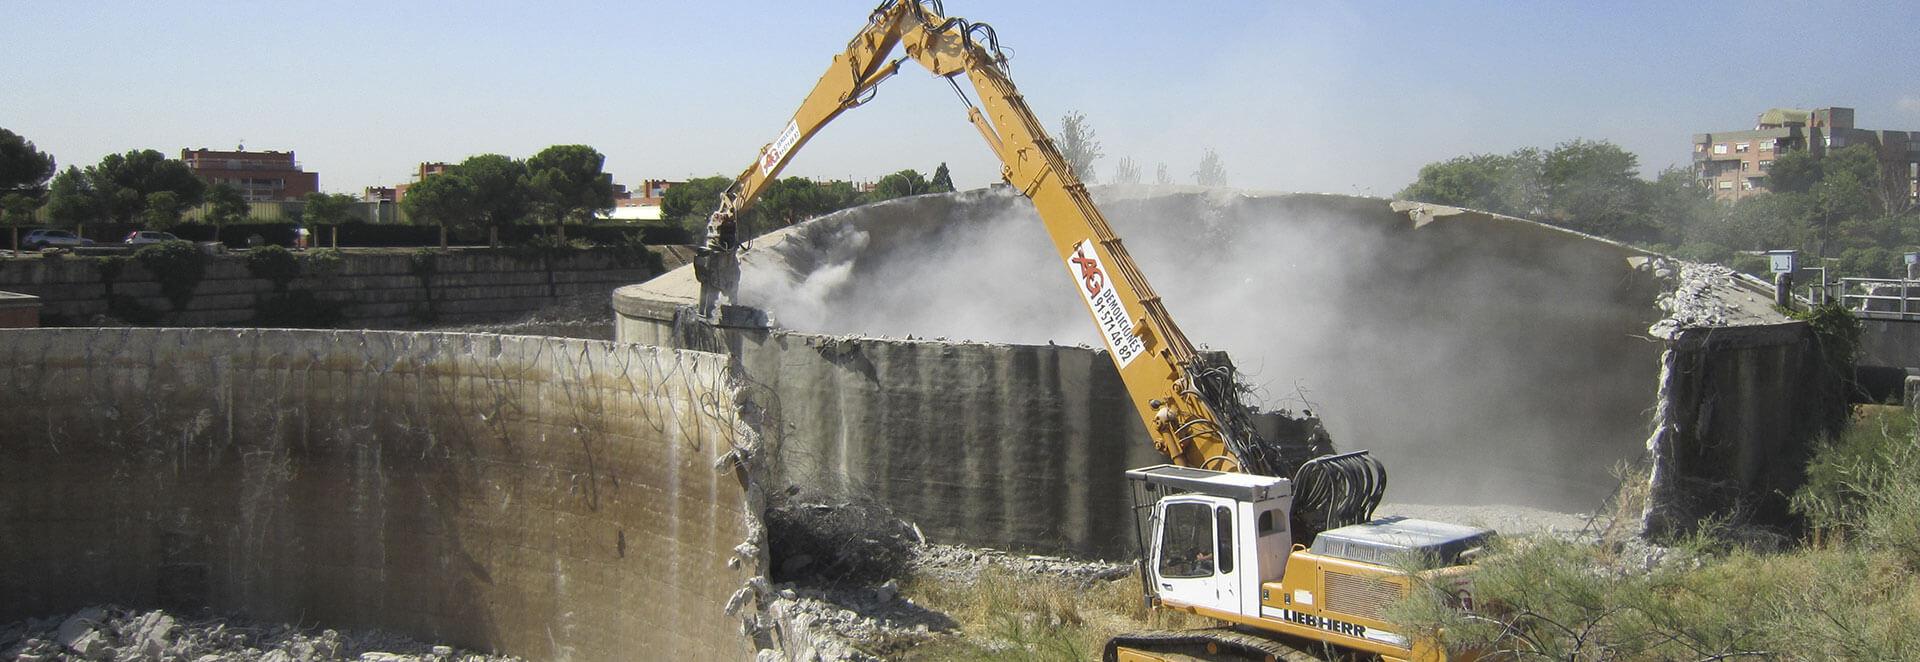 Demolición - Empresa de demoliciones - AG Construcciones